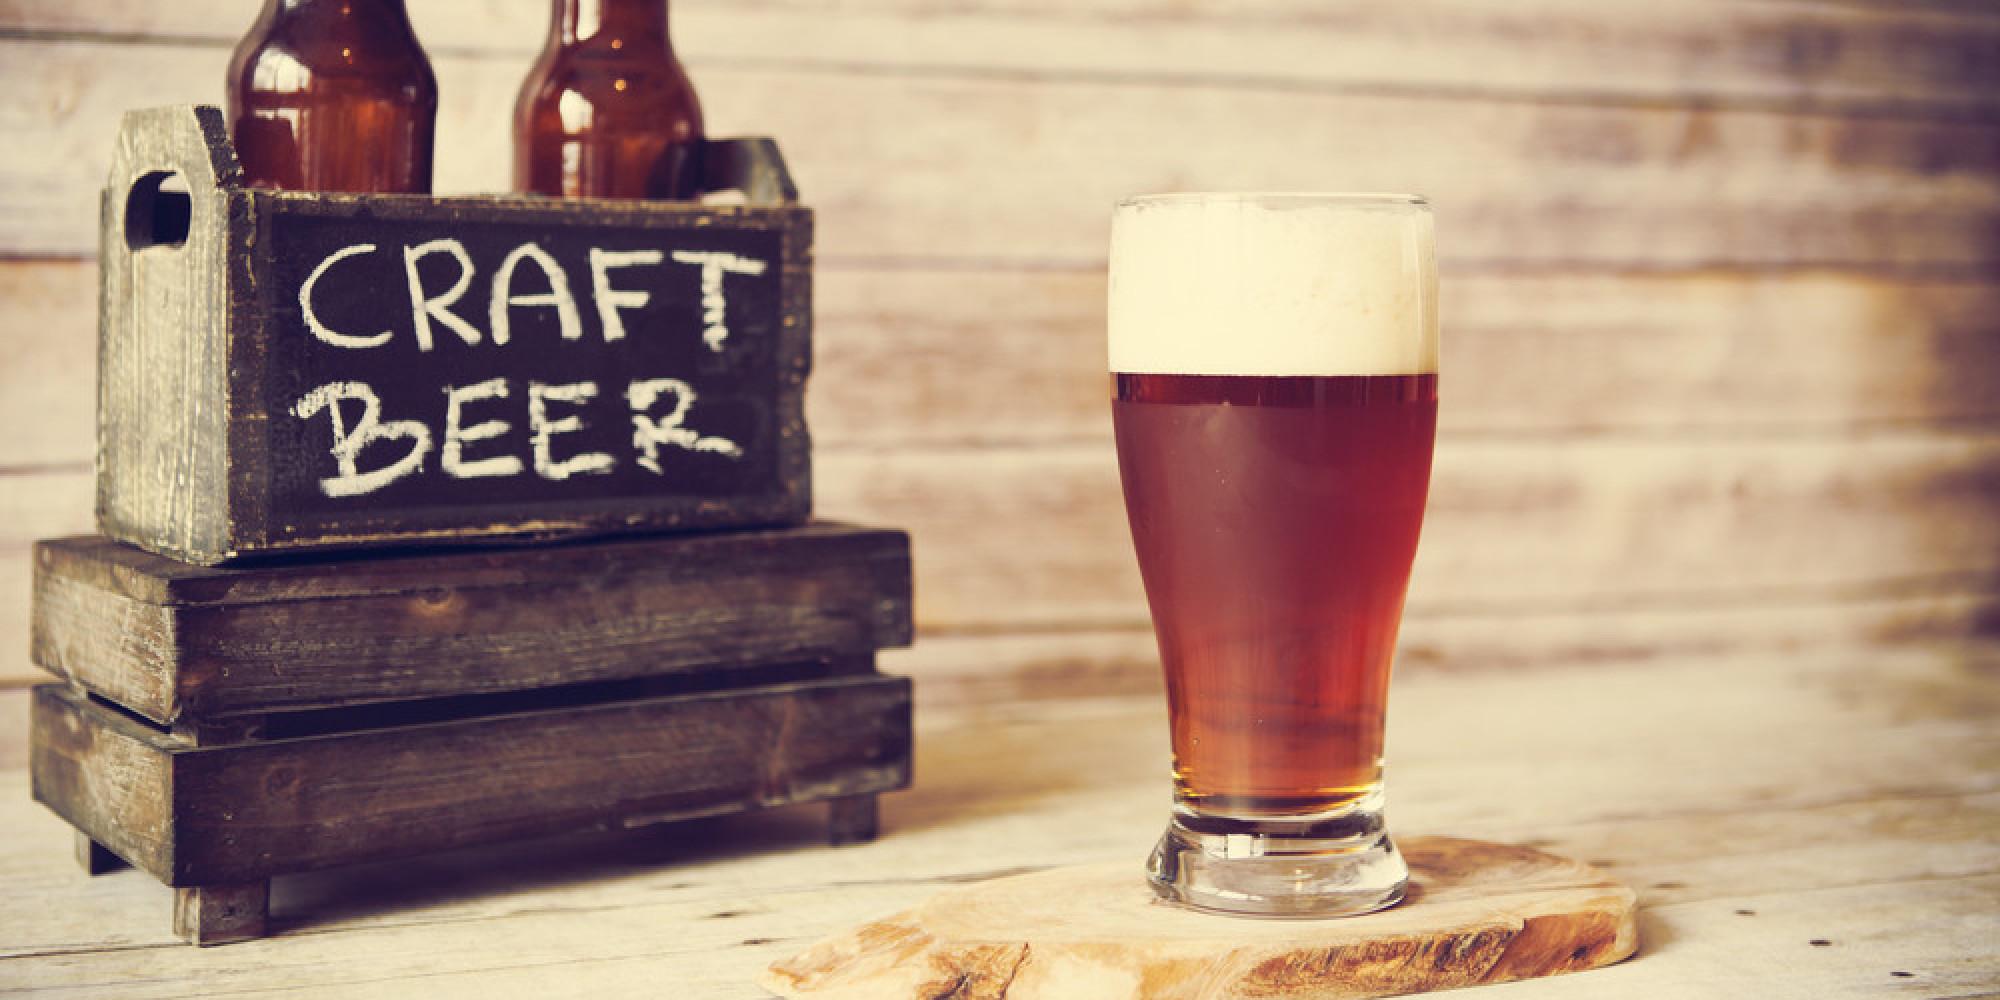 Craft Beers at Redmonds in Dublin